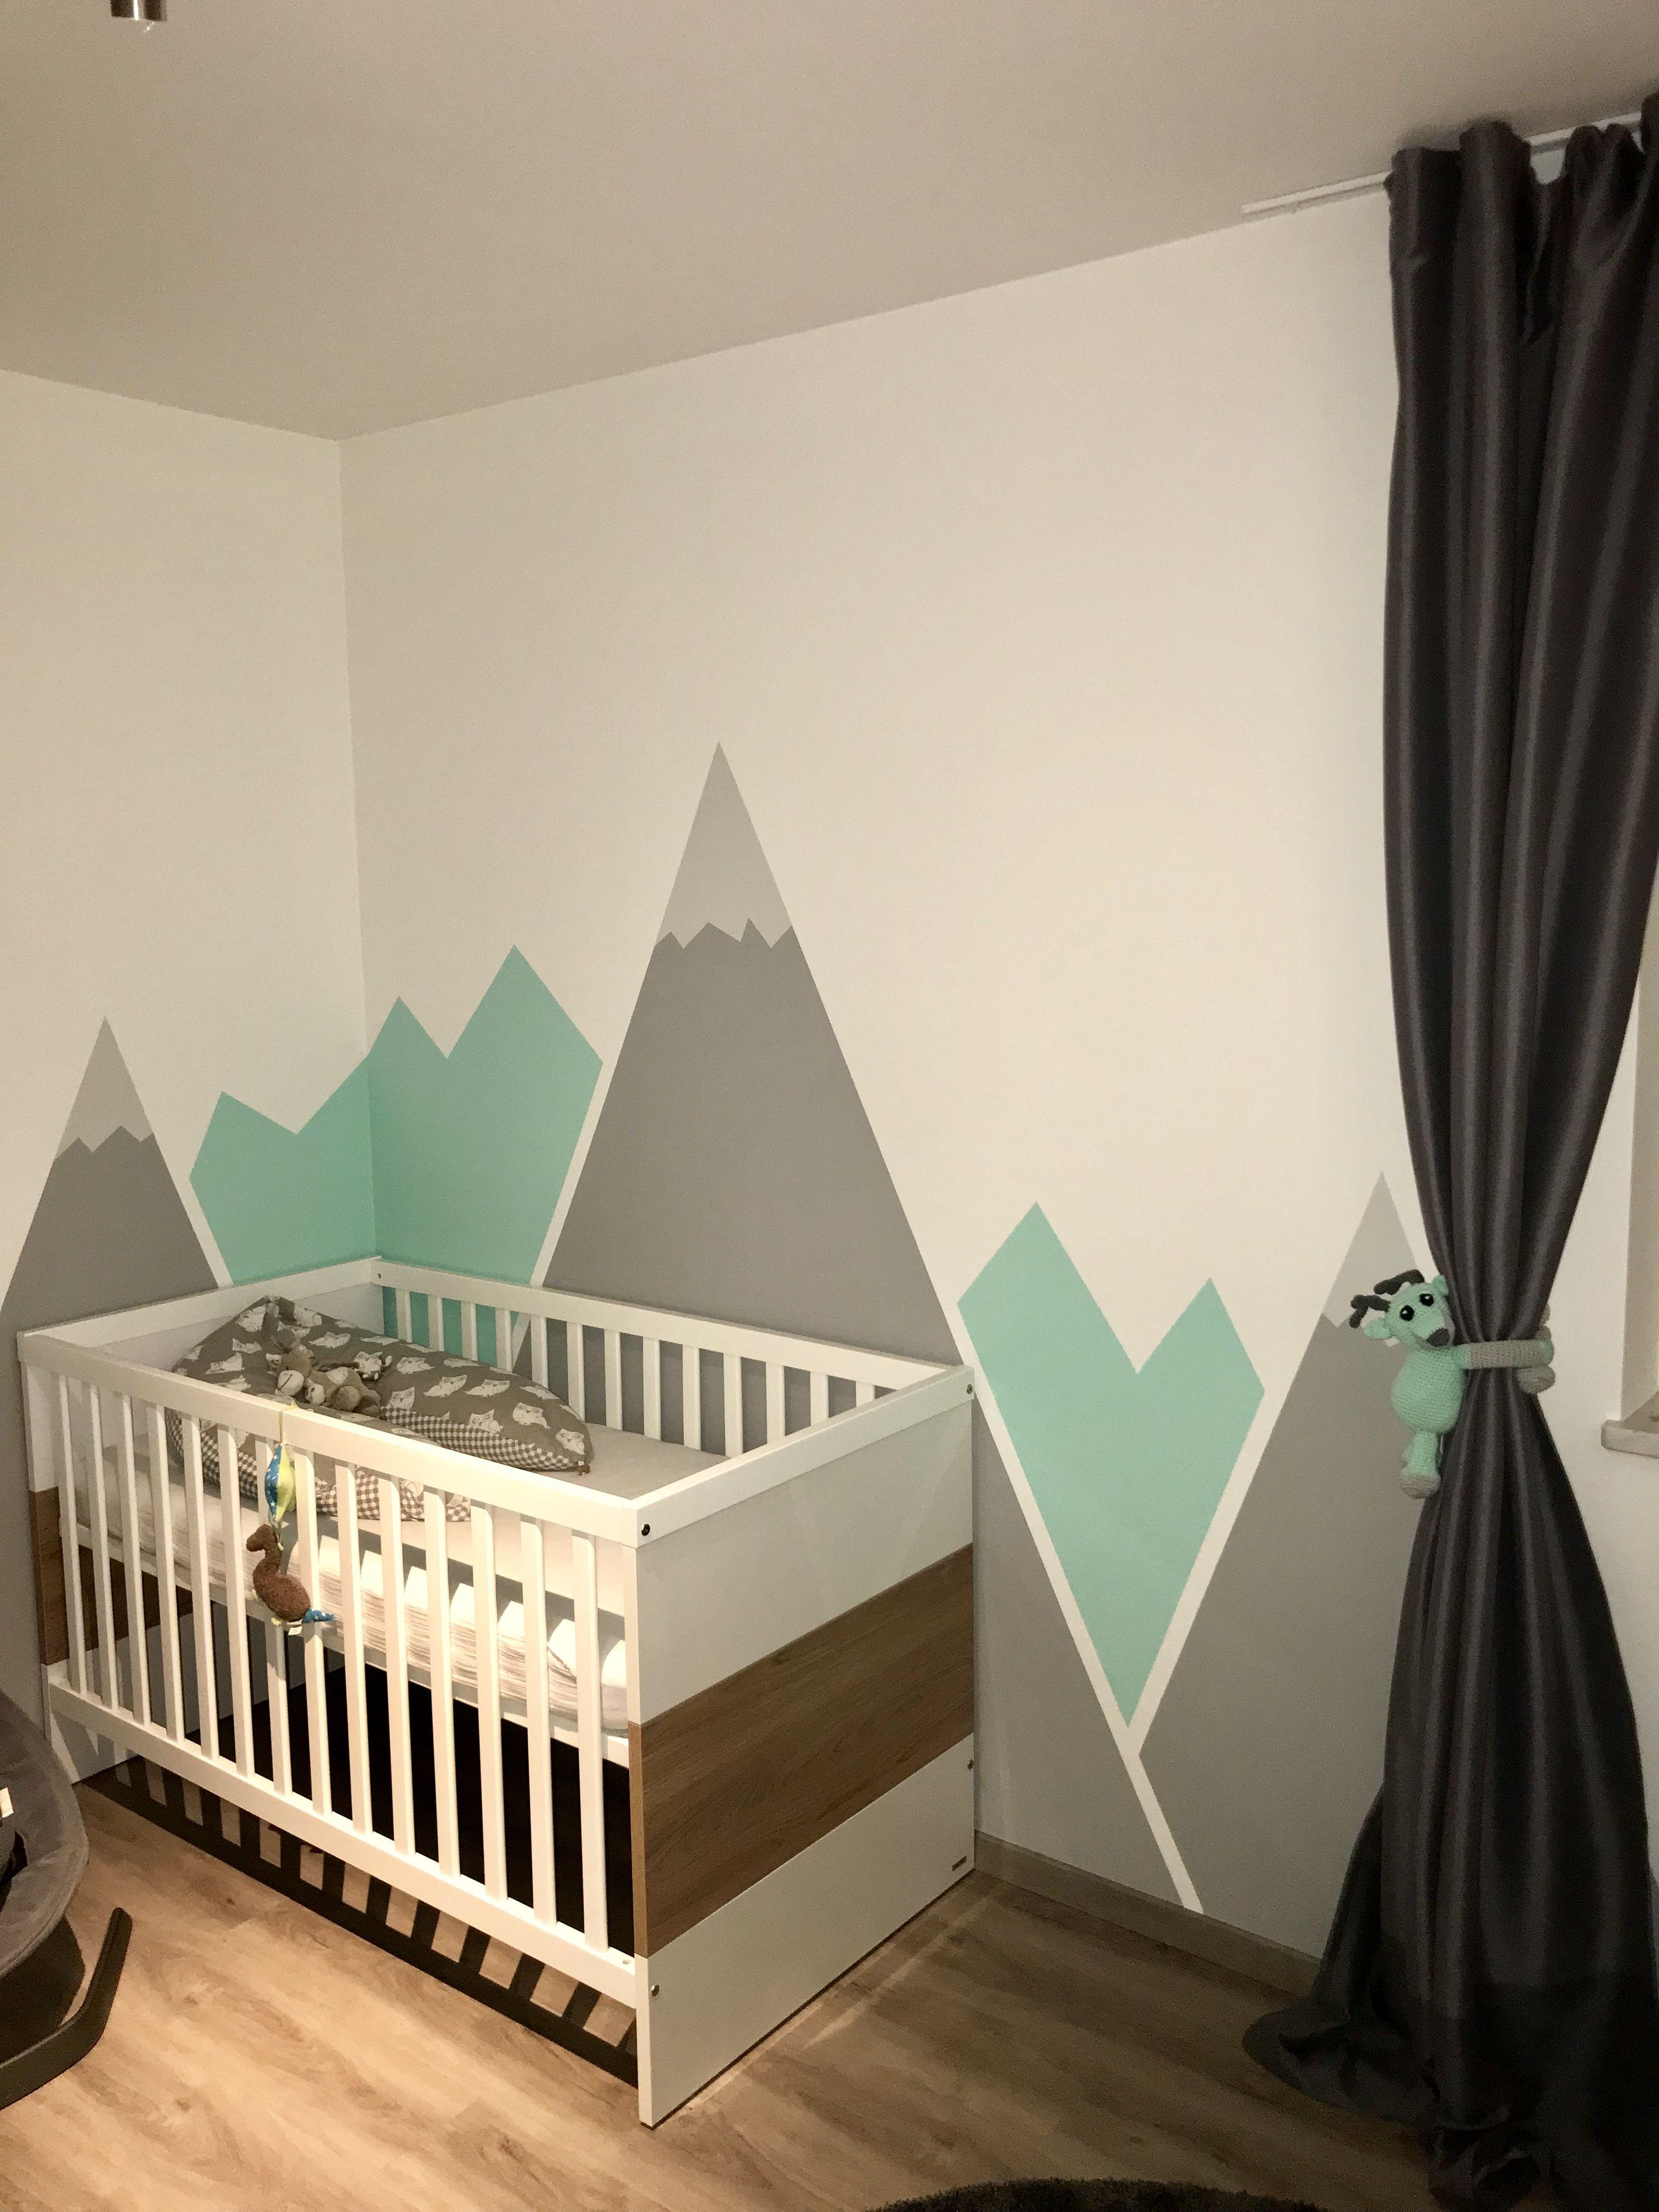 Kinderzimmer Mint Grau Kinder zimmer, Kinderzimmer